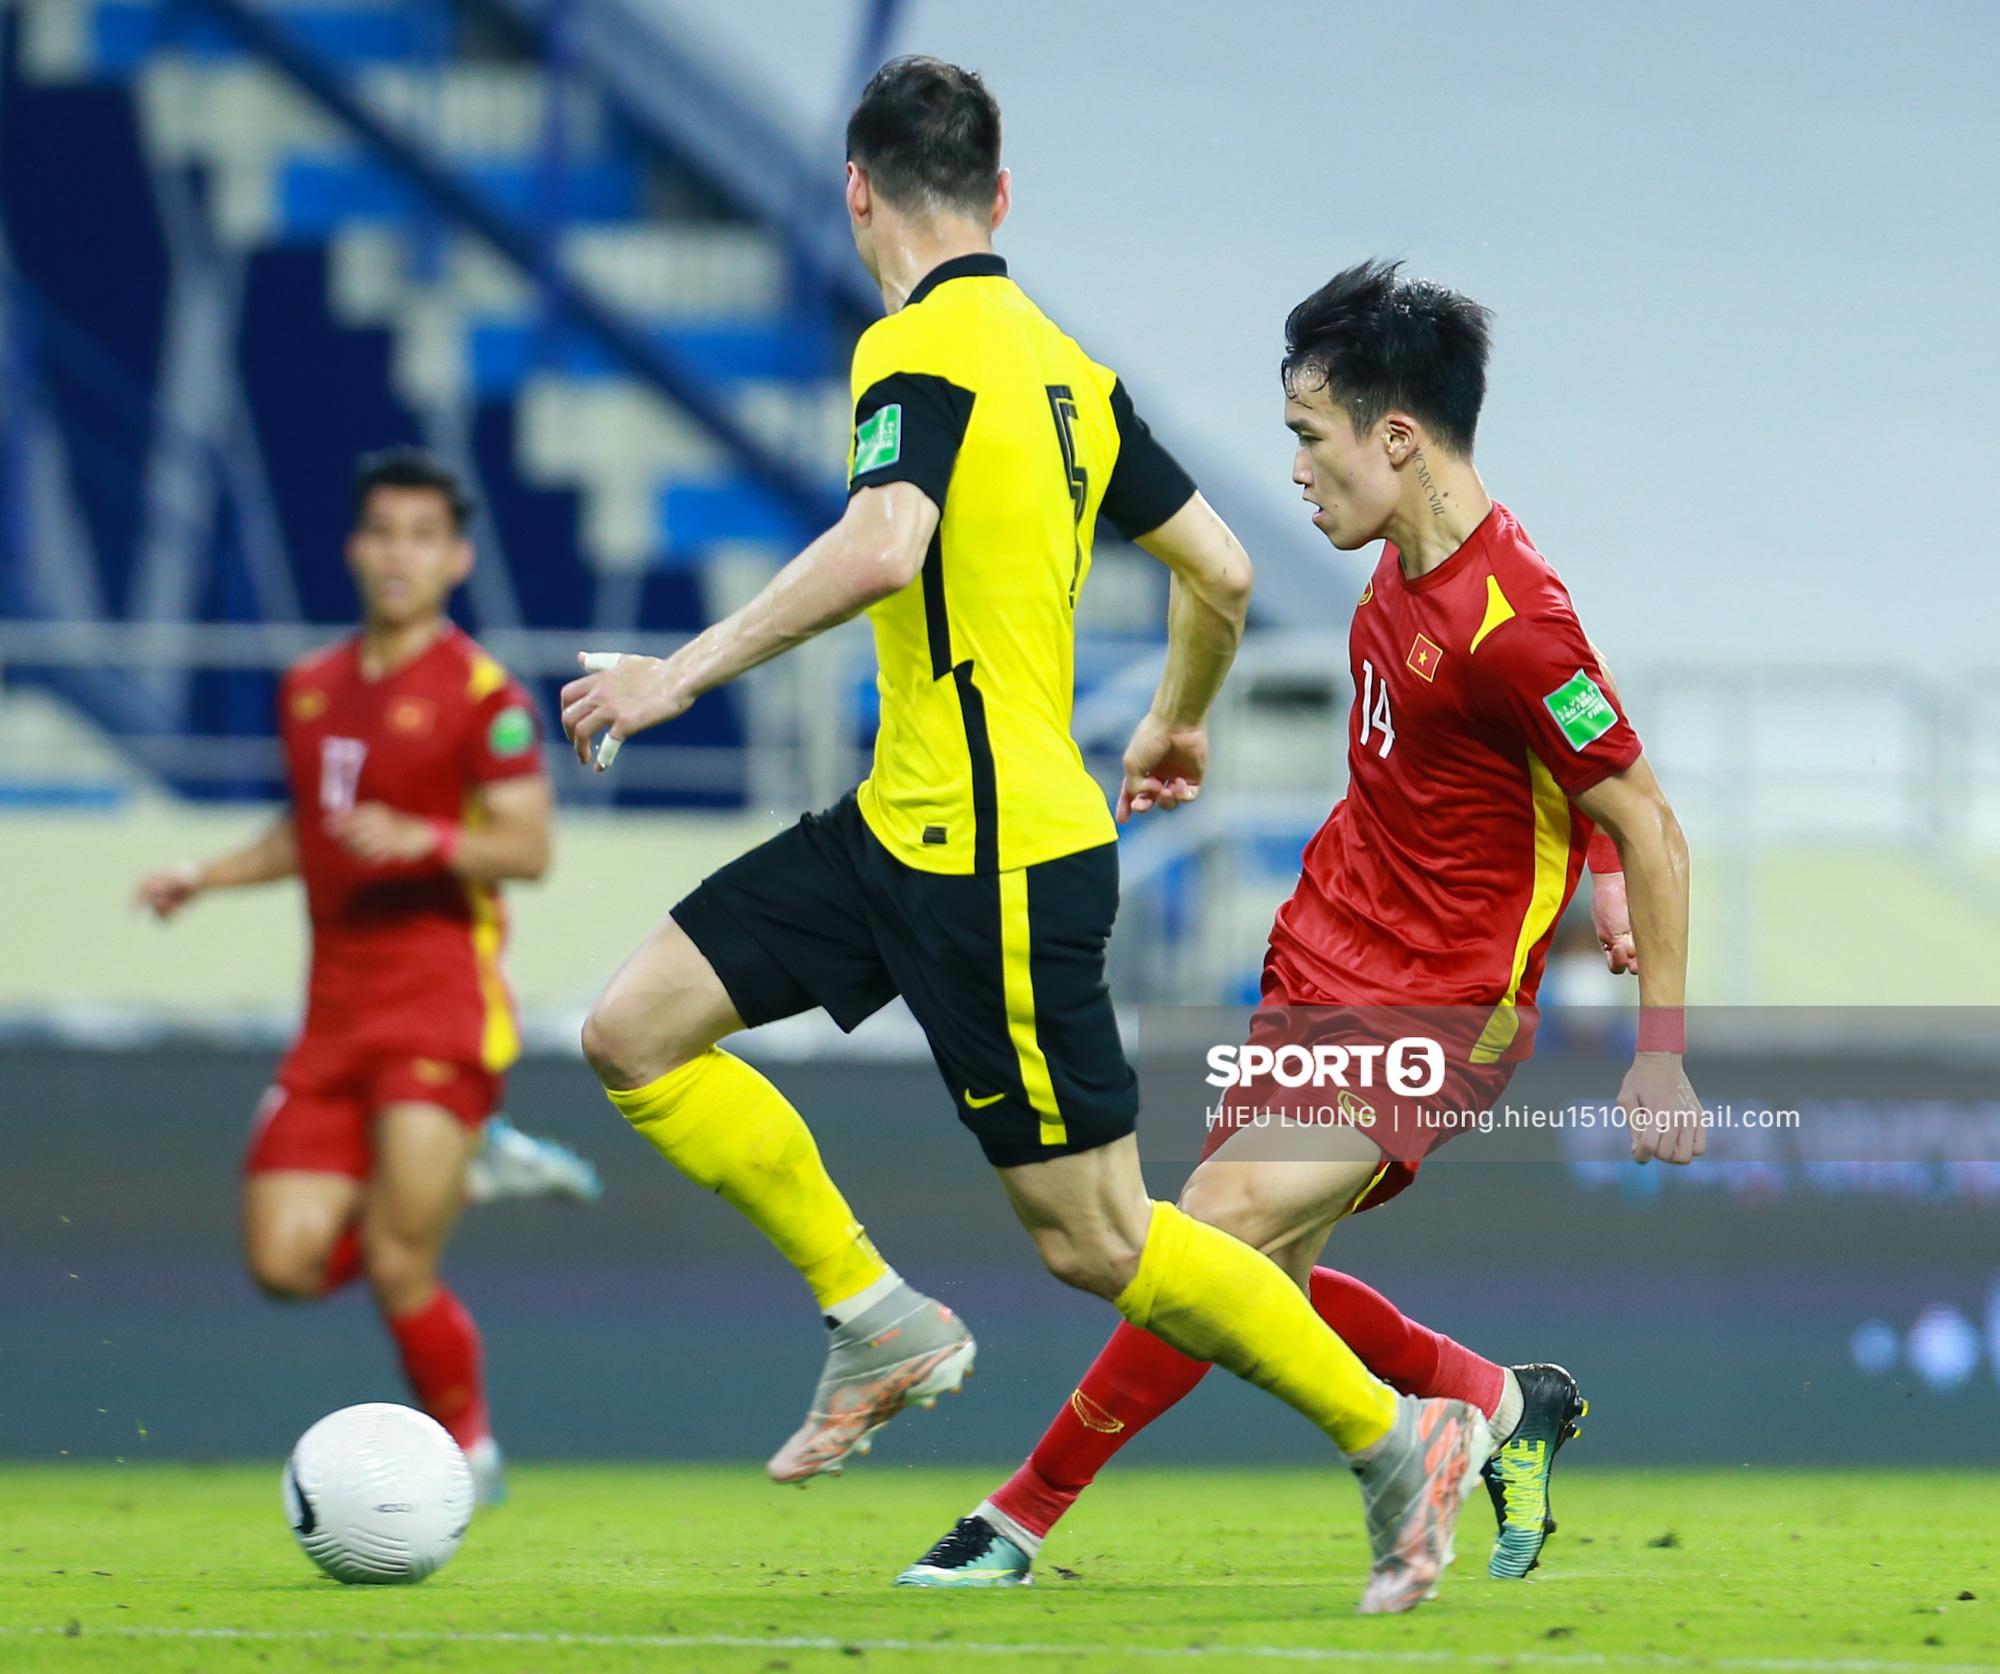 Hoàng Đức chơi hay bất ngờ, thay thế hoàn hảo cho Tuấn Anh ở tuyển Việt Nam - Ảnh 6.